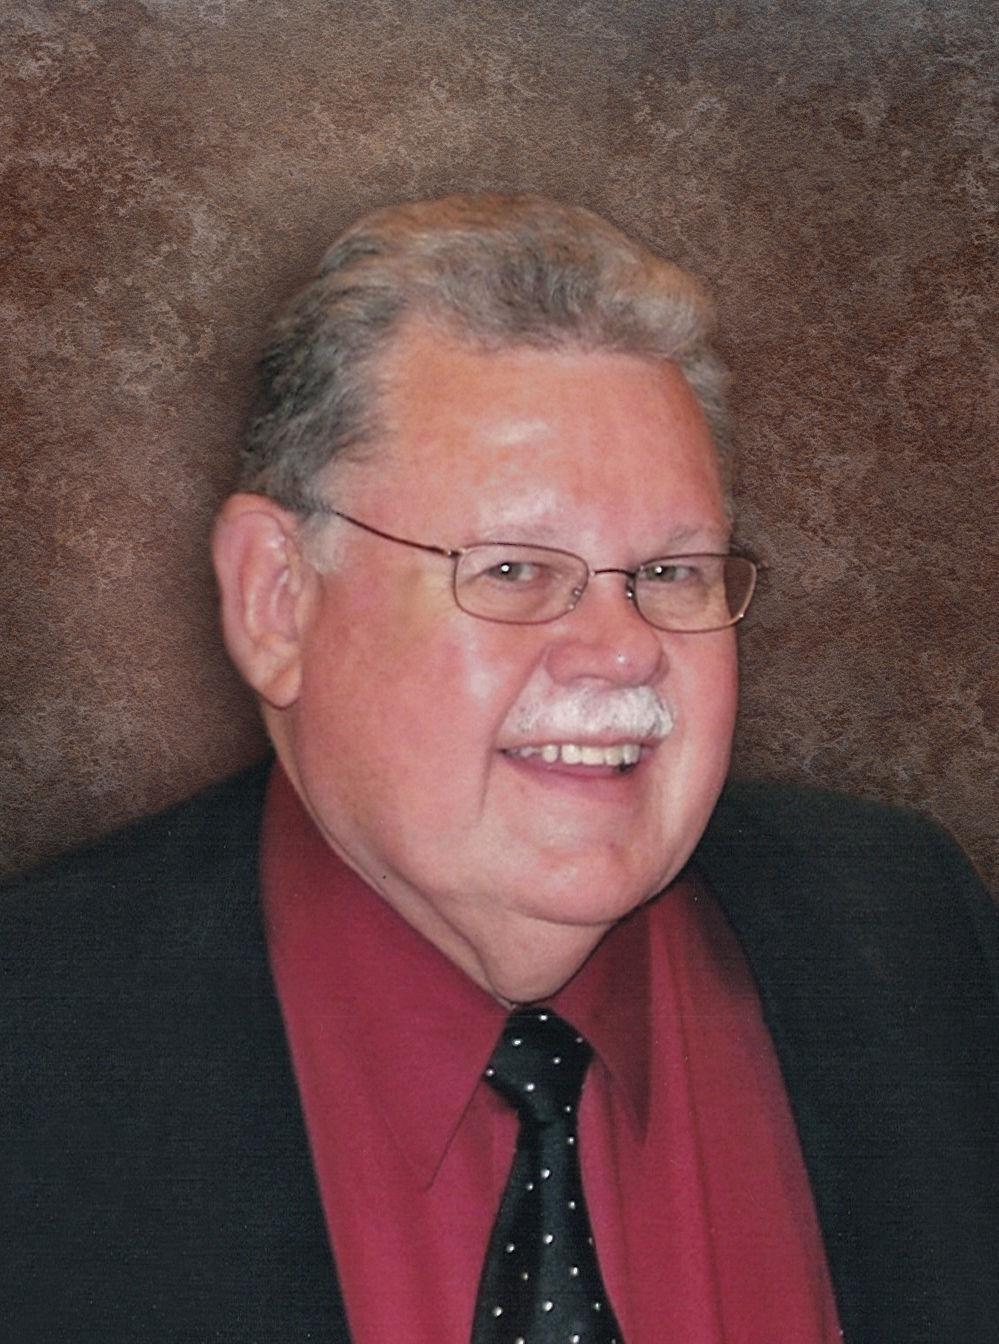 Roger MacNeill